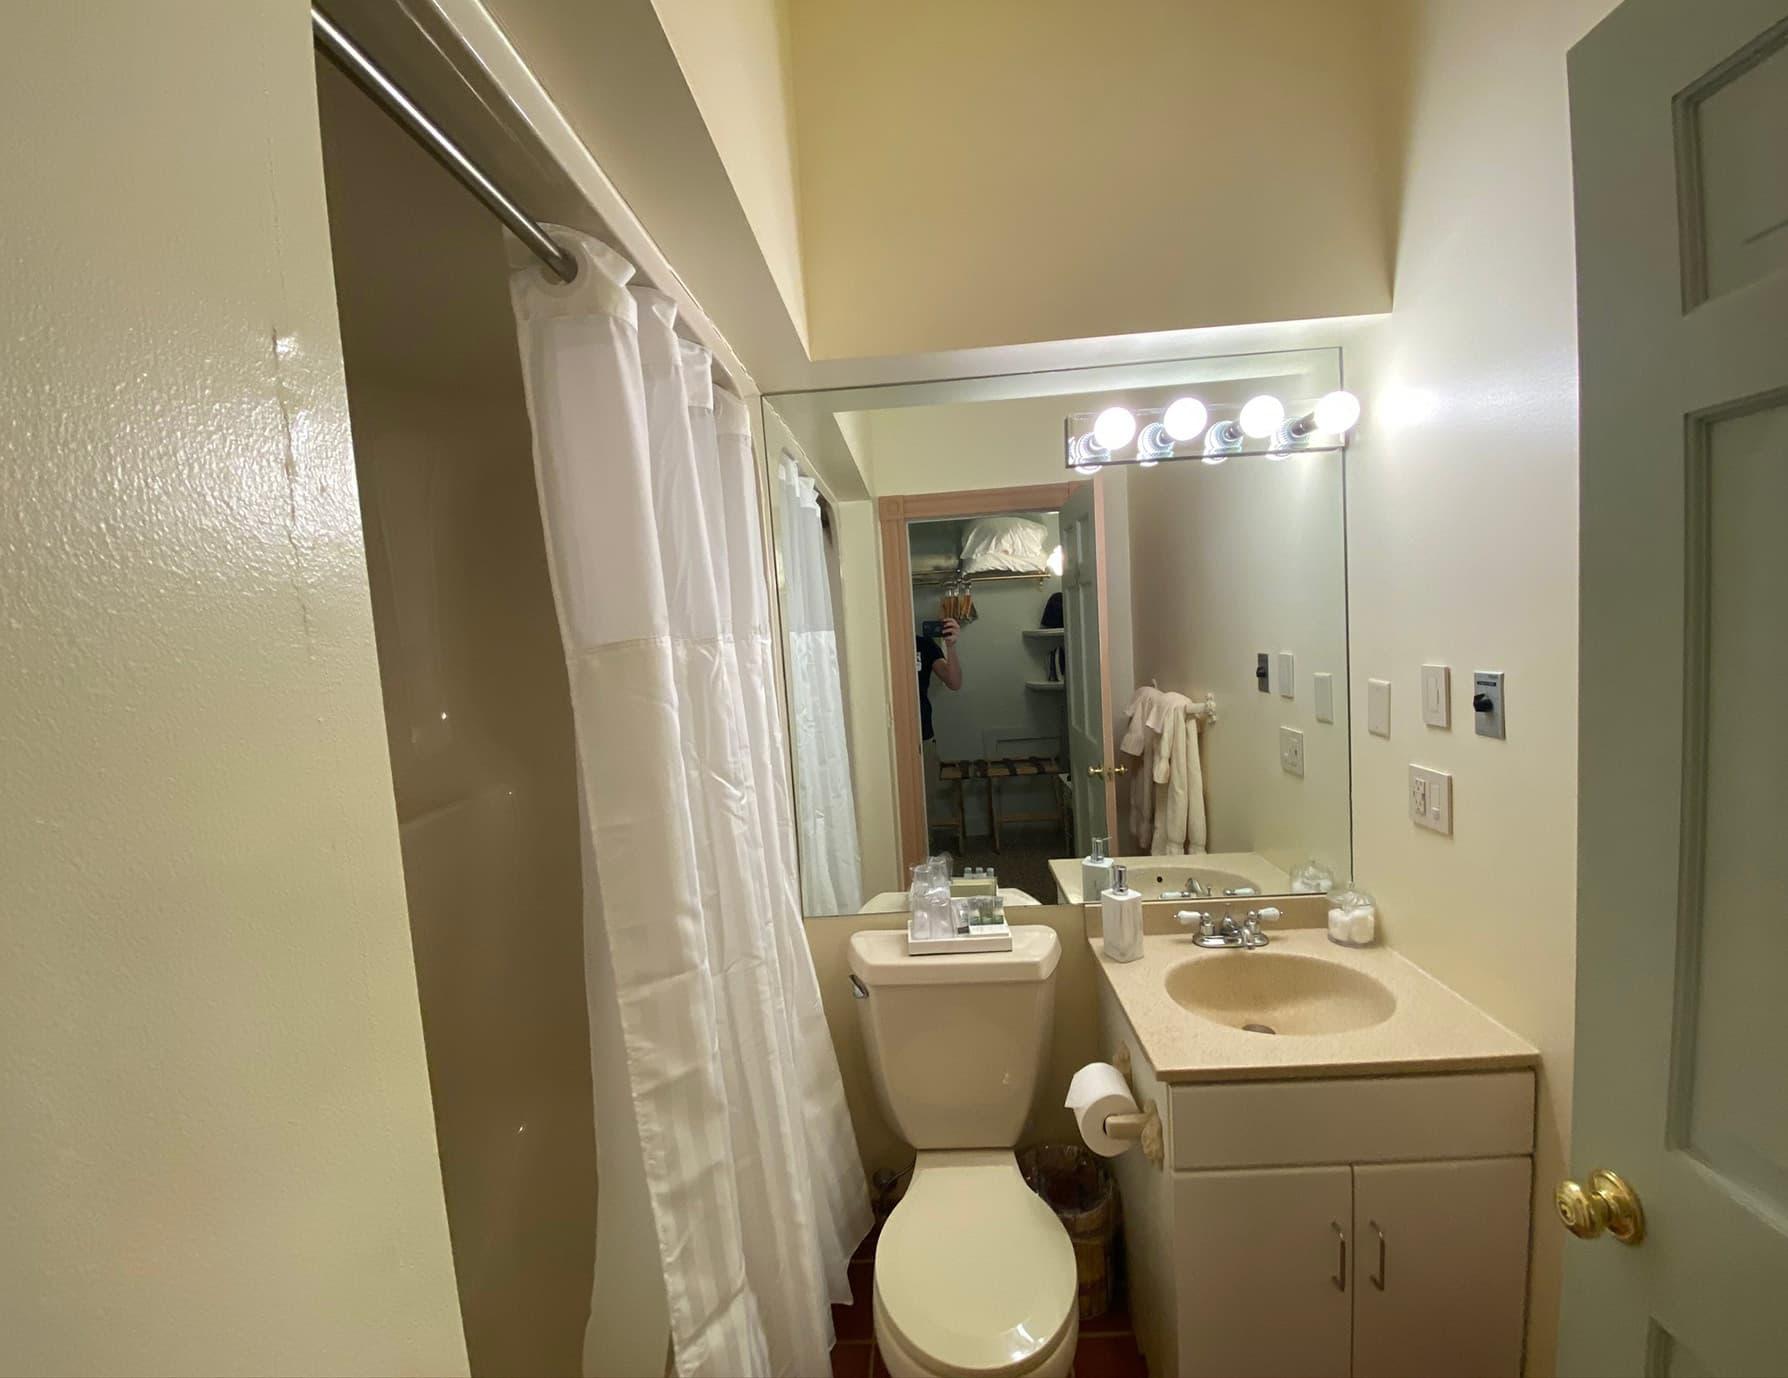 La Savoie Deluxe room bathroom - Lee, Massachusetts Hotel Suite